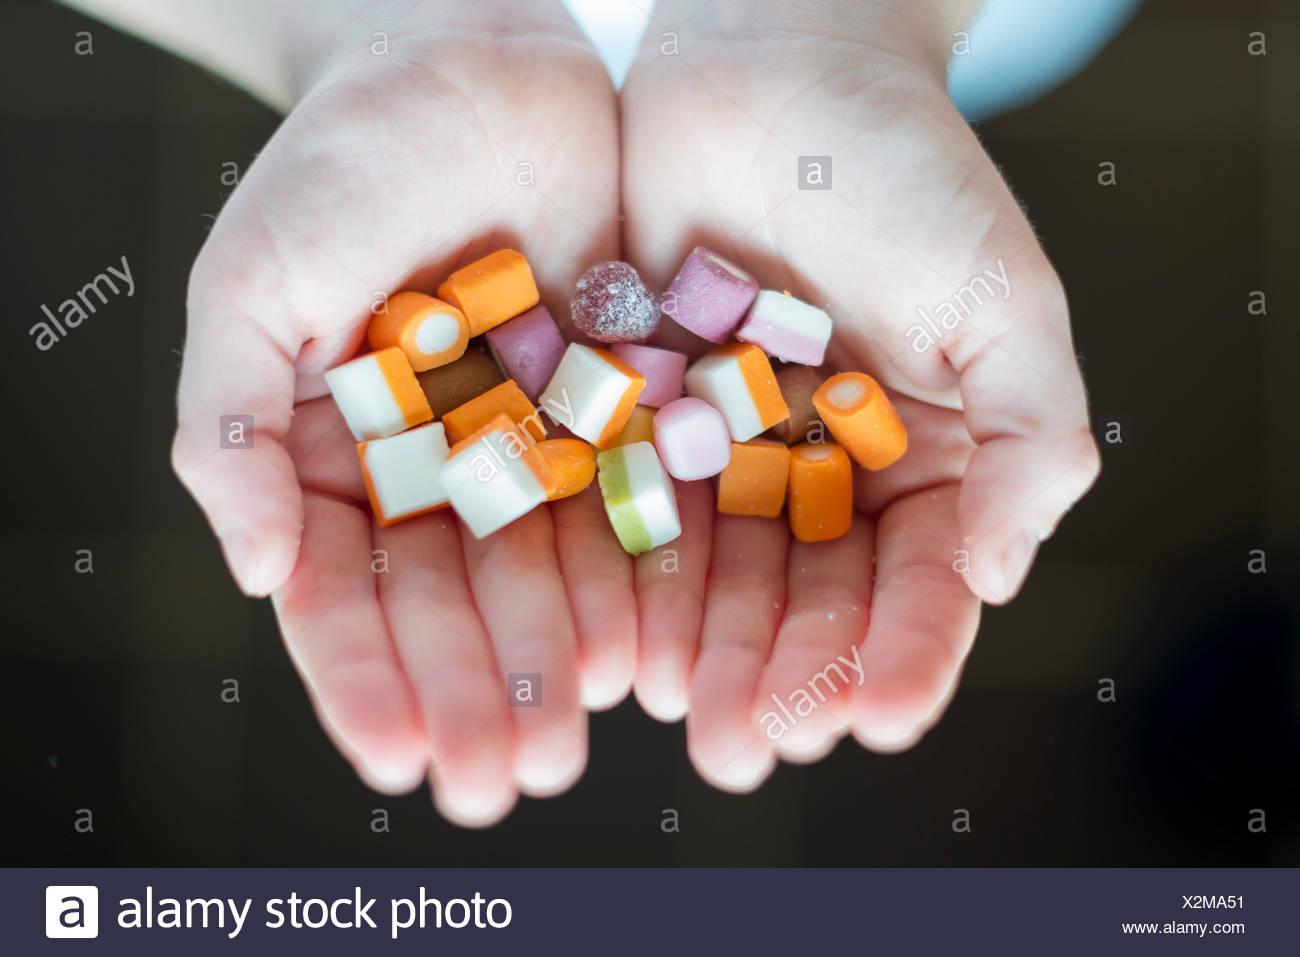 Un niño sosteniendo dulces Imagen De Stock